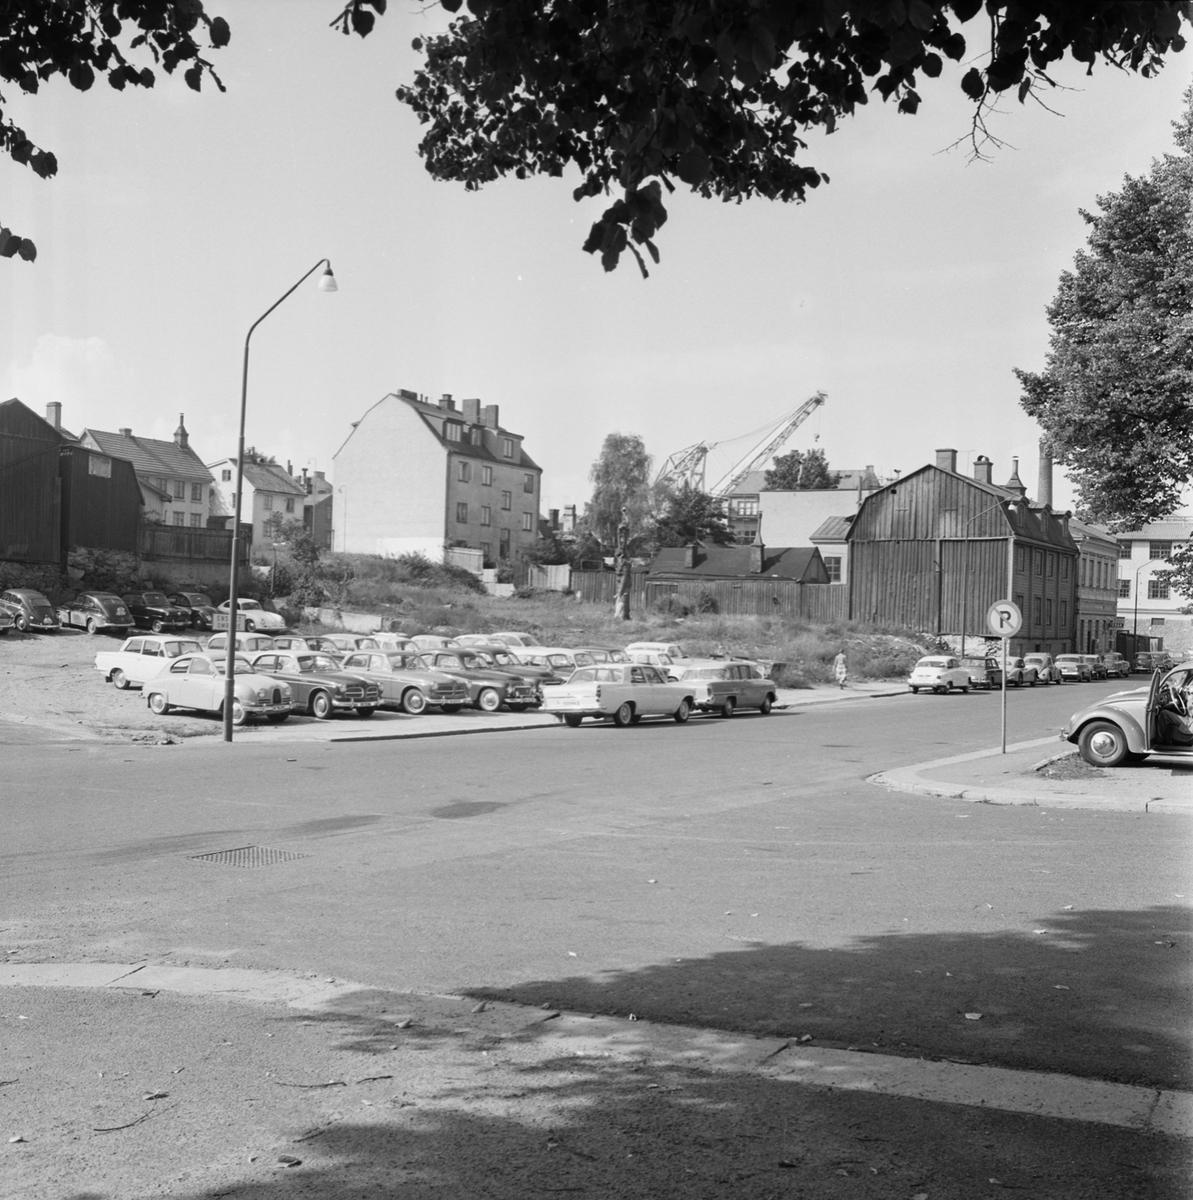 Övrigt: Fotodatum 23/8 1963 Byggnader och Kranar Kvarteret Pollux ext